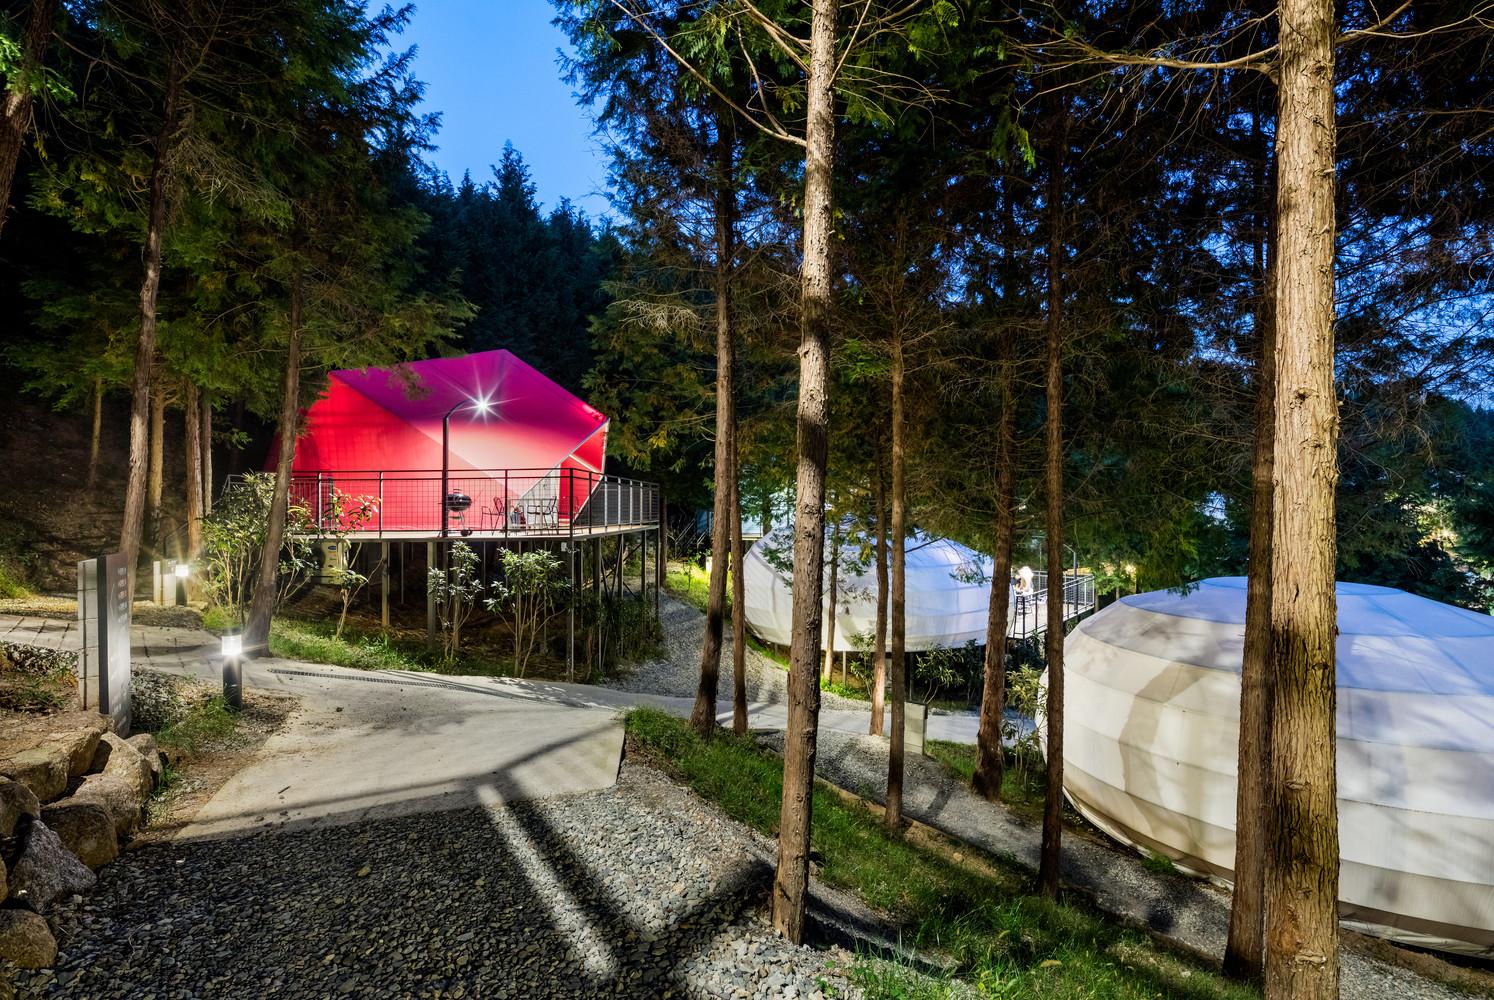 Nằm giữa rừng bách, khu nghỉ dưỡng tạo cảm giác trong lành, gần gũi với thiên nhiên